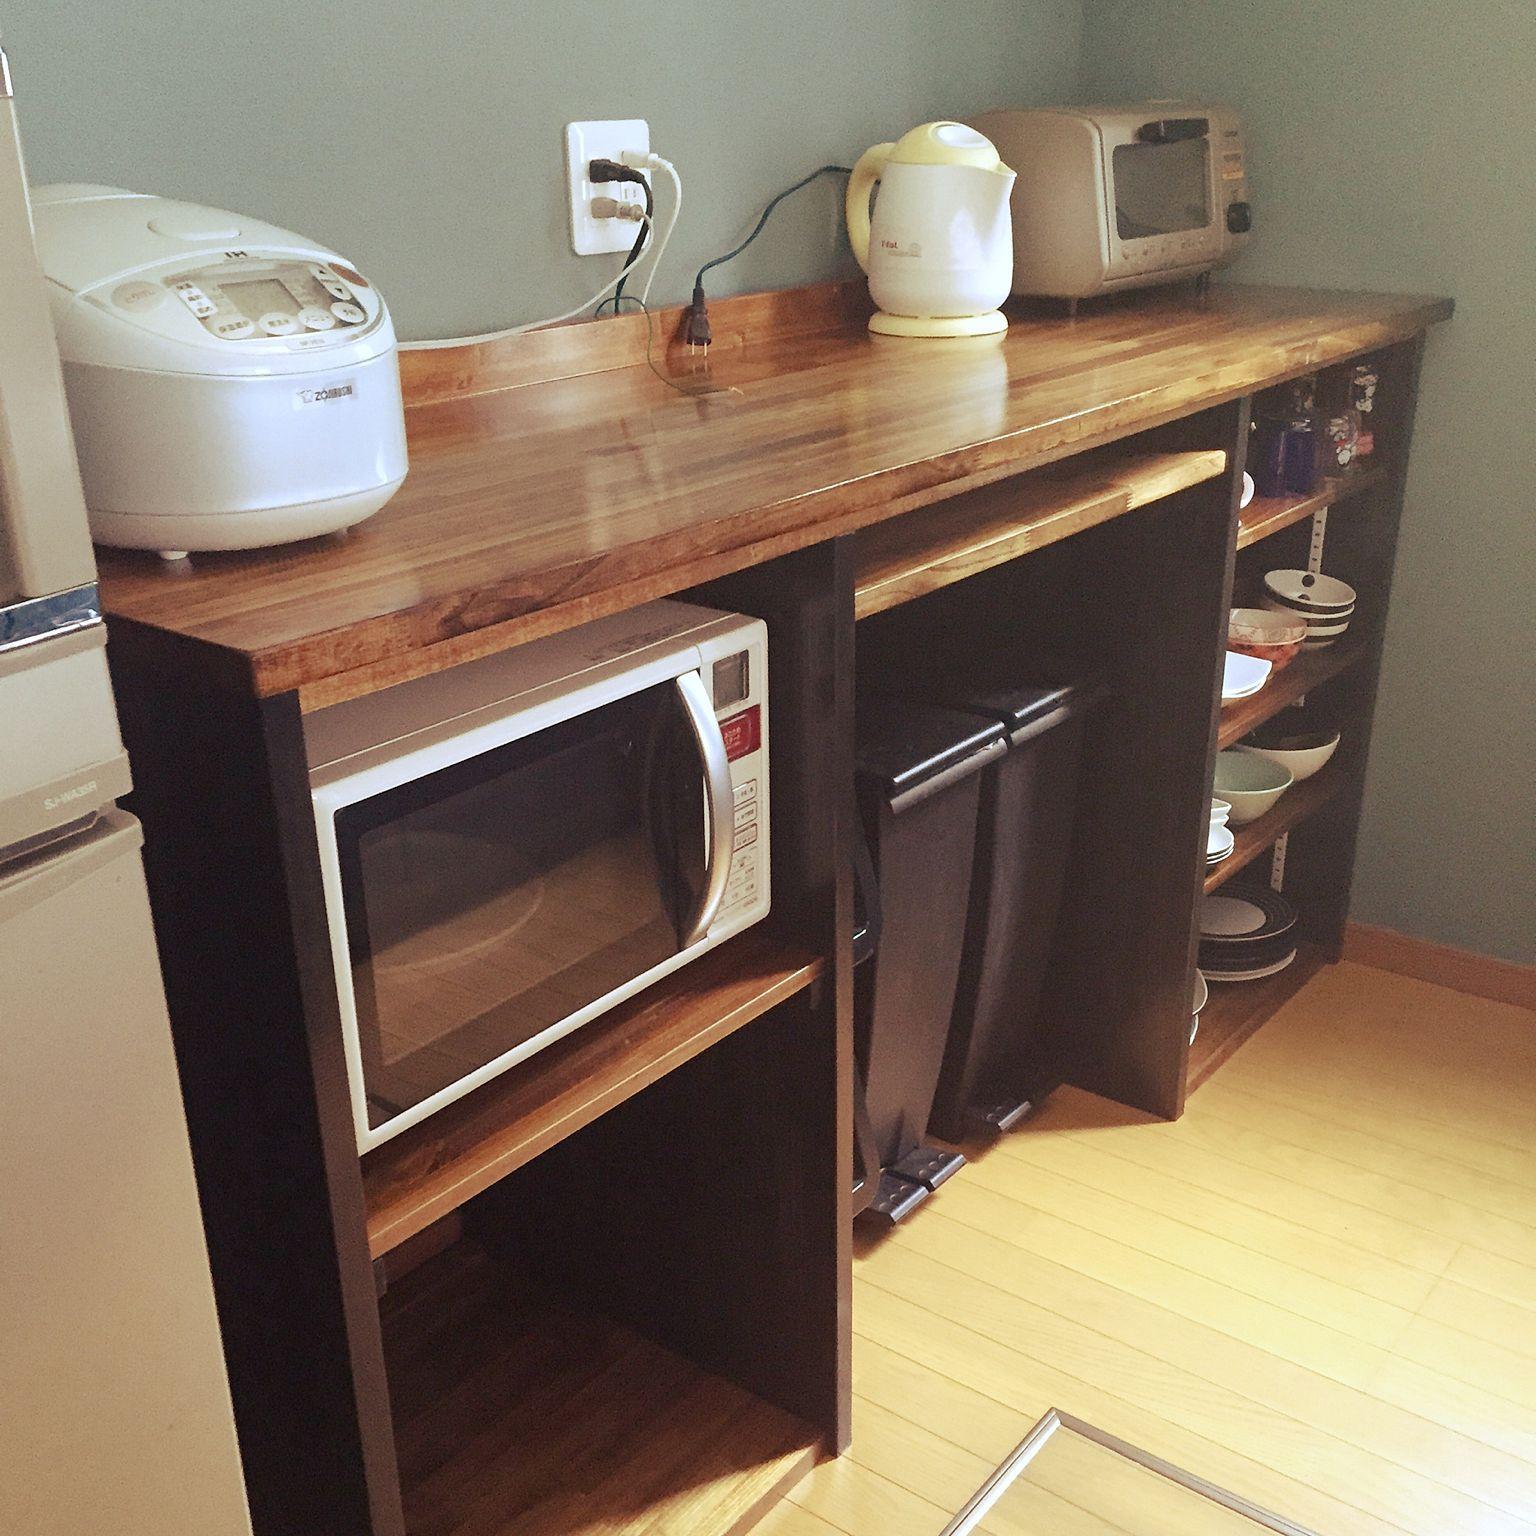 7215769e34 キッチンカウンター/手作り/DIY/木製/ブルーグレー/キッチン収納…などのインテリア実例 - 2015-05-29 15:47:21 |  RoomClip(ルームクリップ)